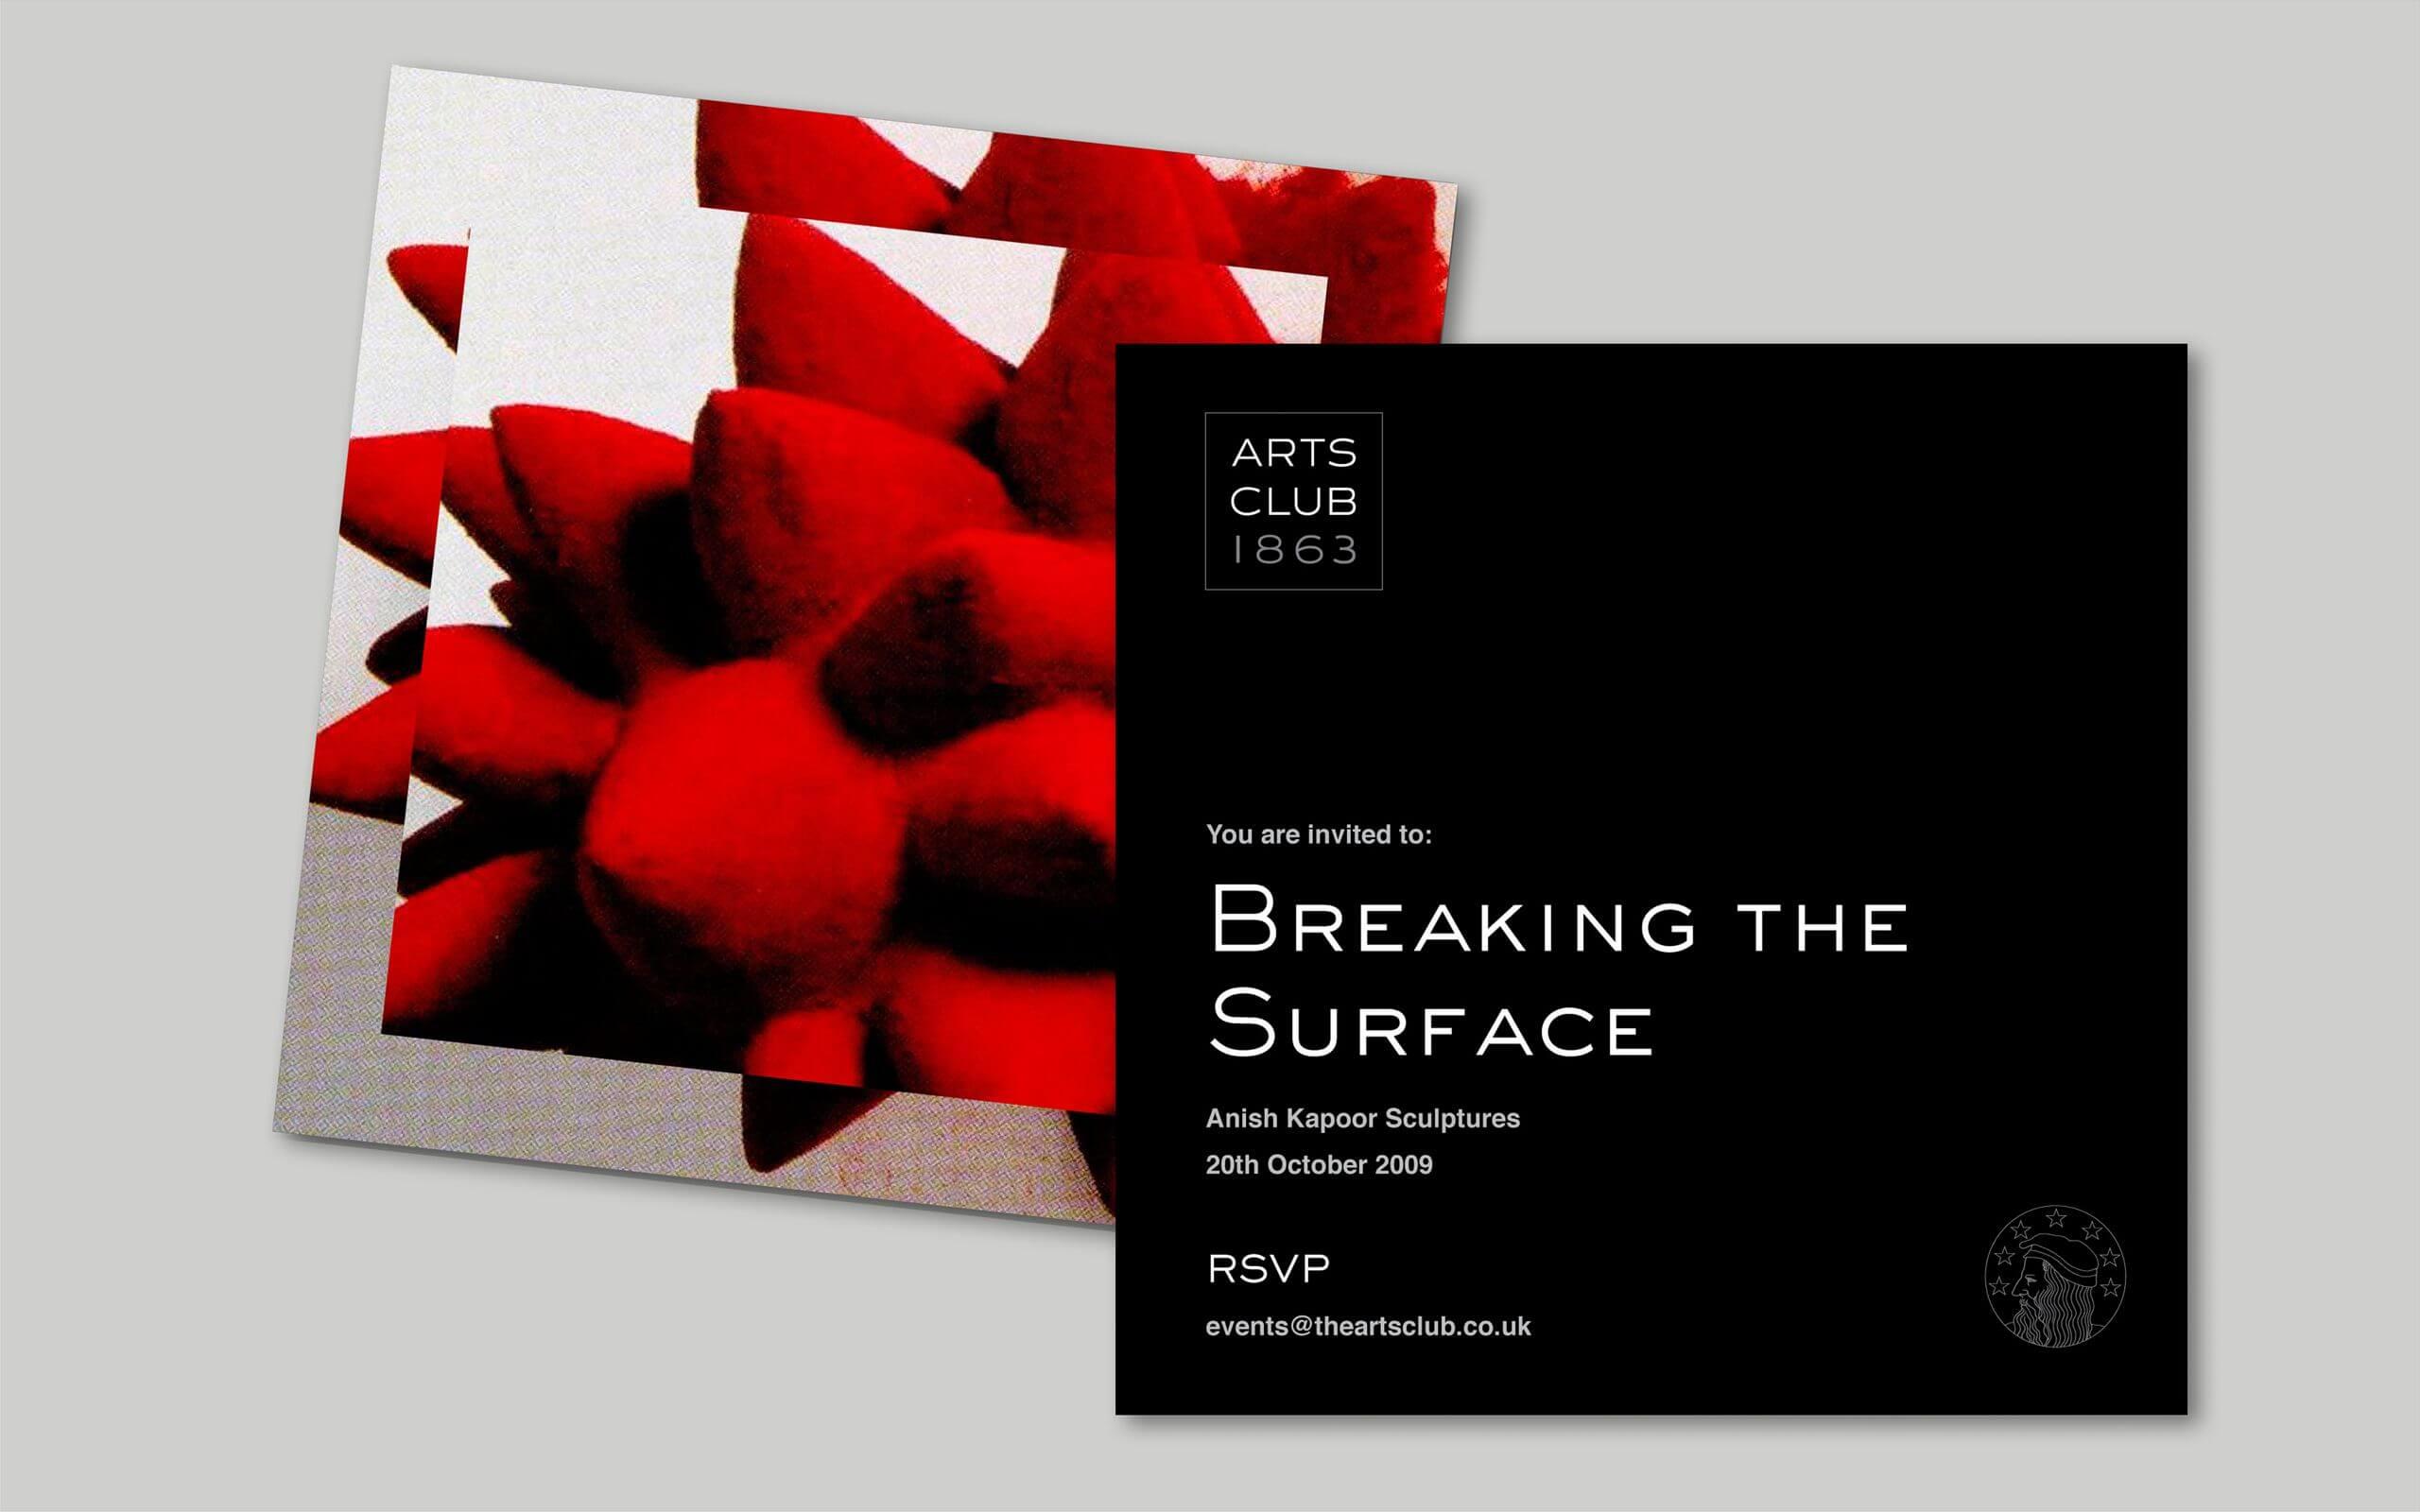 The Arts Club Mayfair London flyers